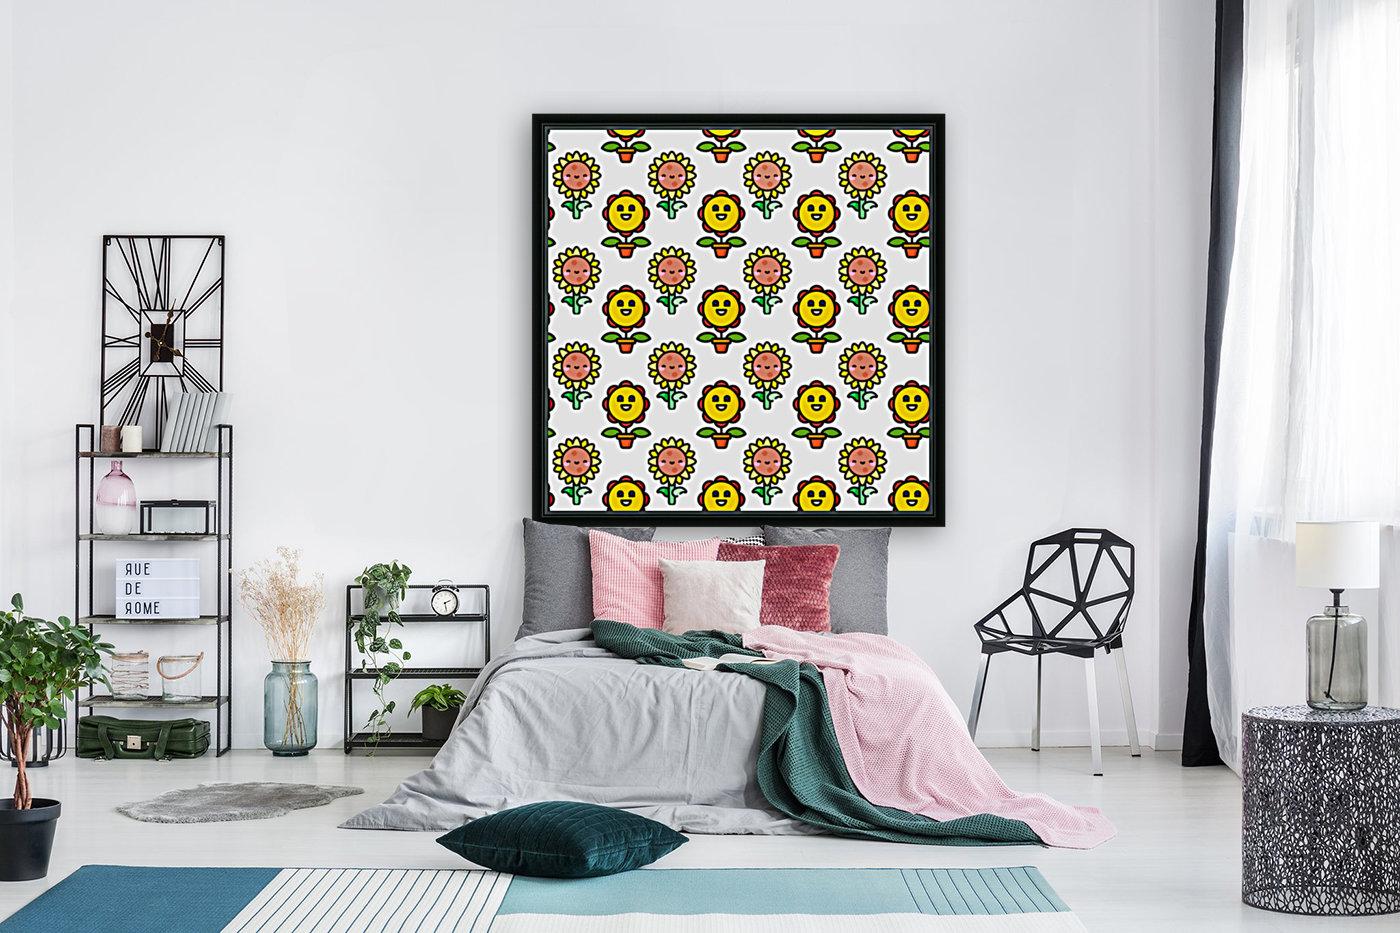 Sunflower_1559876174.8267  Art